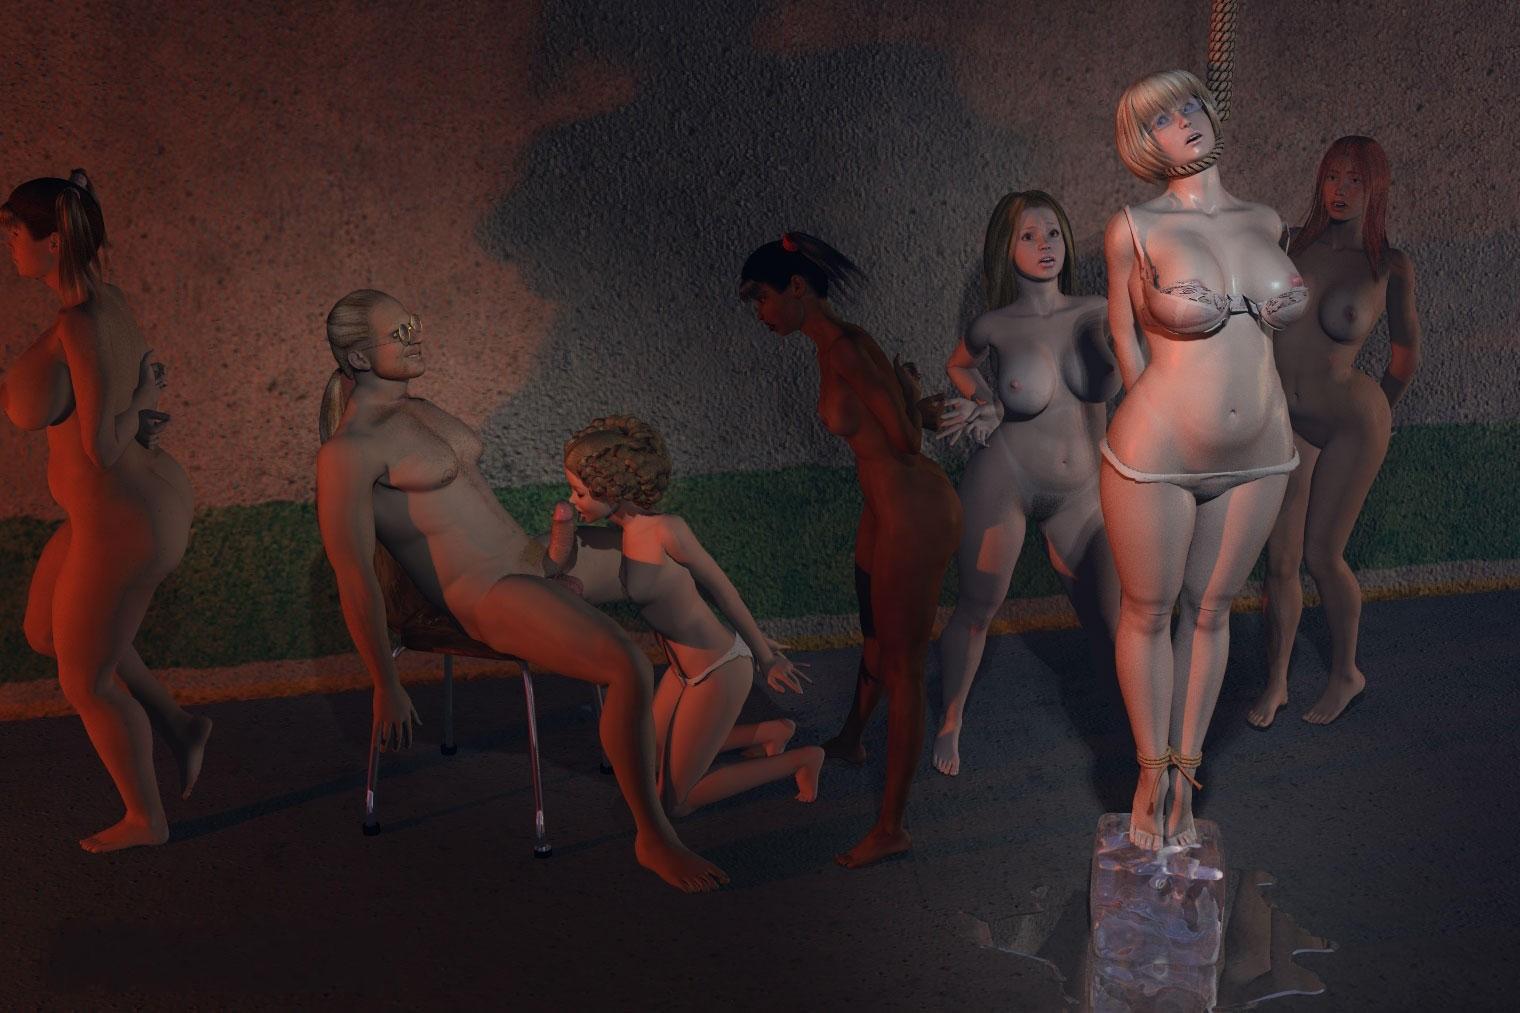 Bdsm porn 3d Violent Sex